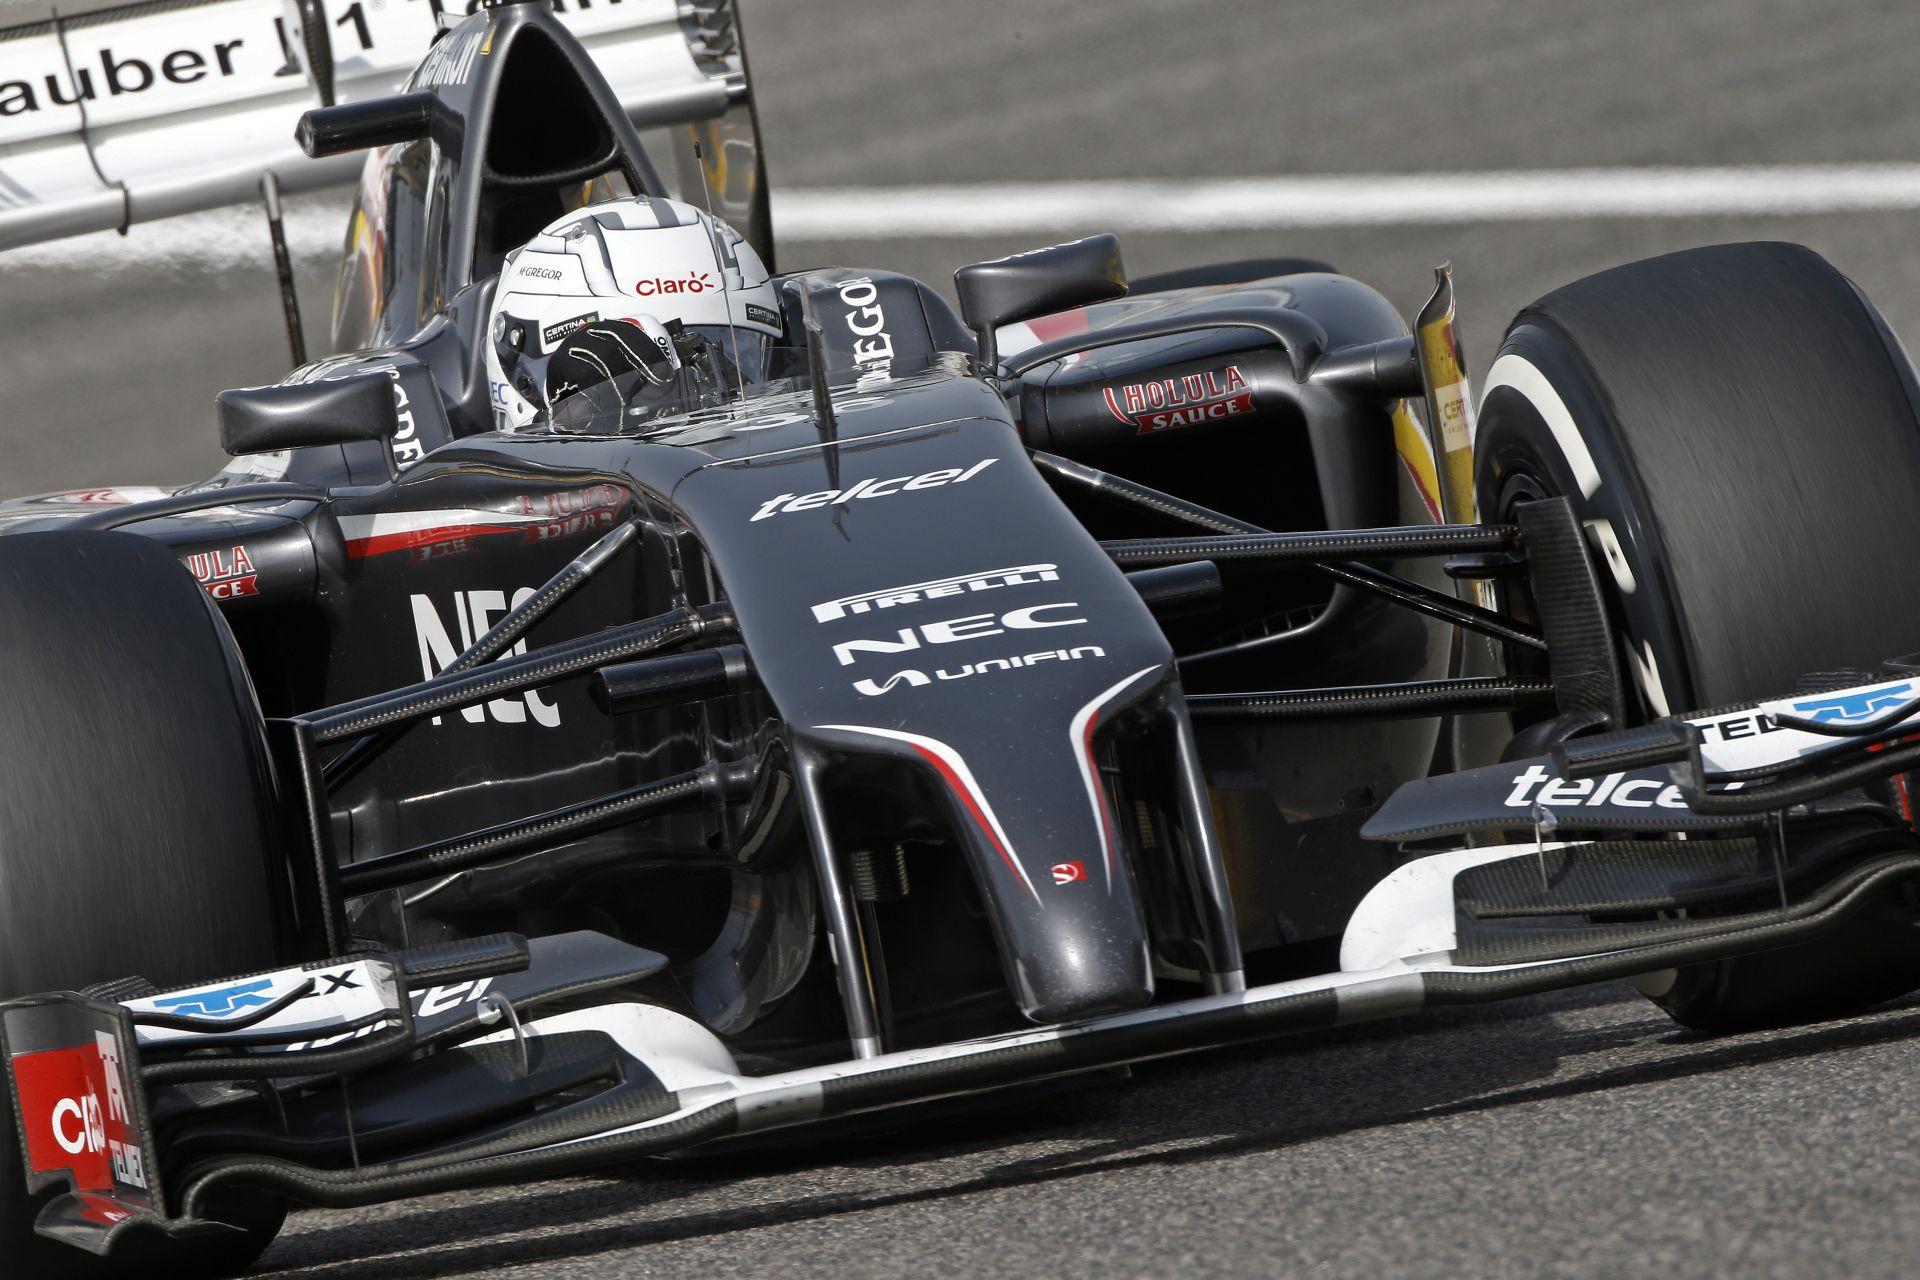 Jelentősen átalakul és könnyebb lesz a Sauber a Spanyol Nagydíjra